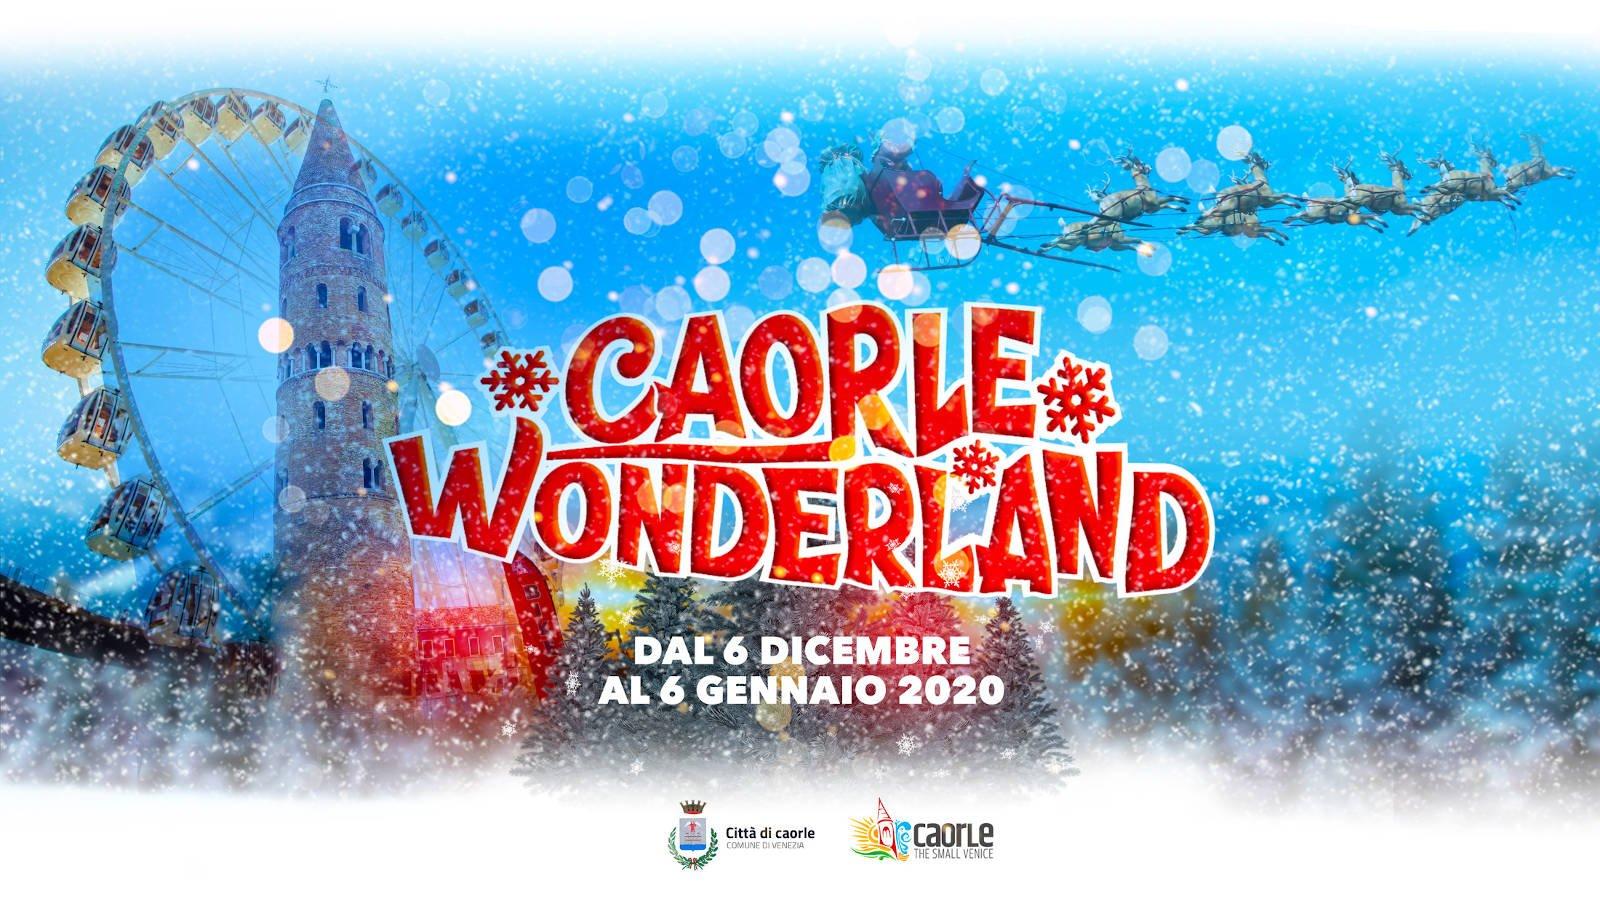 Caorle Wonderland, la magia del Natale a Caorle